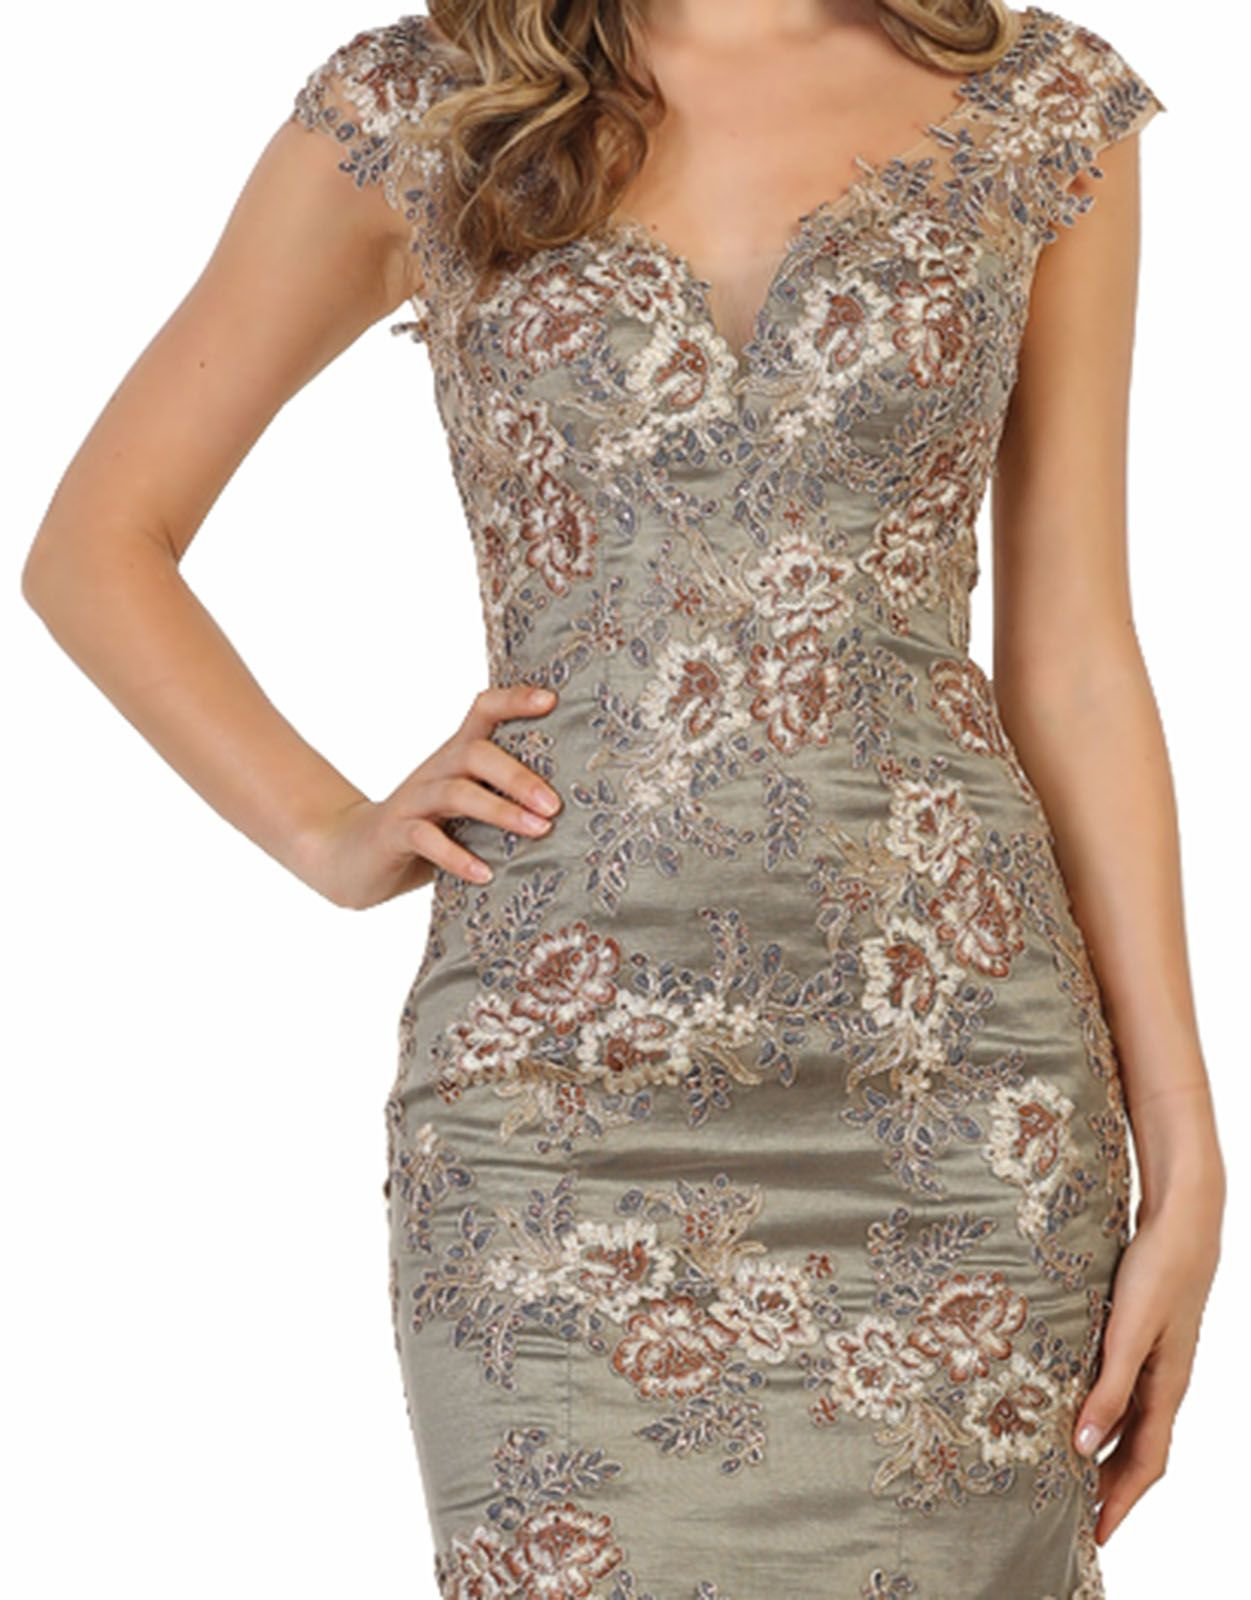 May Queen Corset Back Prom Evening Gown Walmart Com Vestidos [ 1600 x 1251 Pixel ]